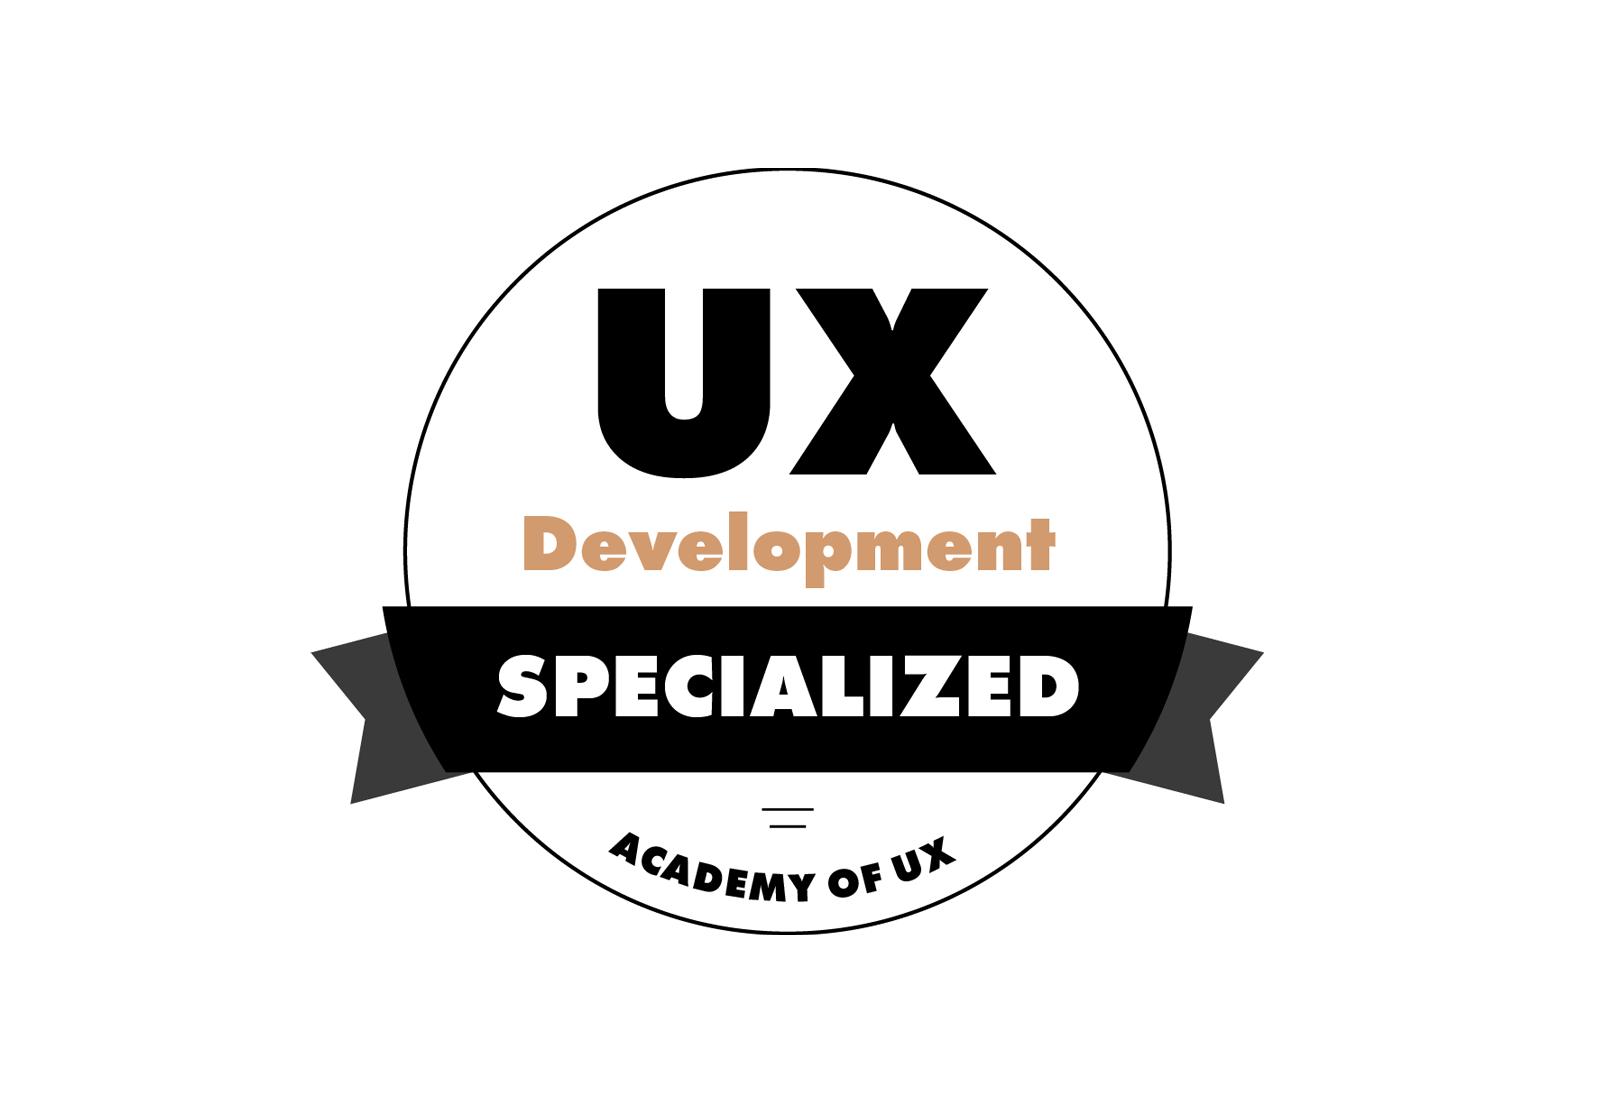 UX-Development-Specialized-AcademyOfUX